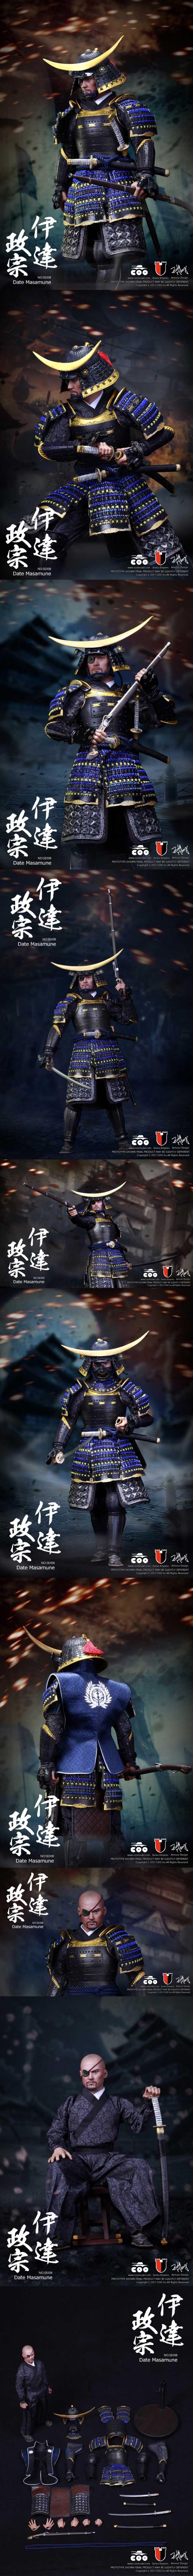 [[예약상품]COOMODEL - 1/6 Japan's Warring States - Date Masamune (SE008)]